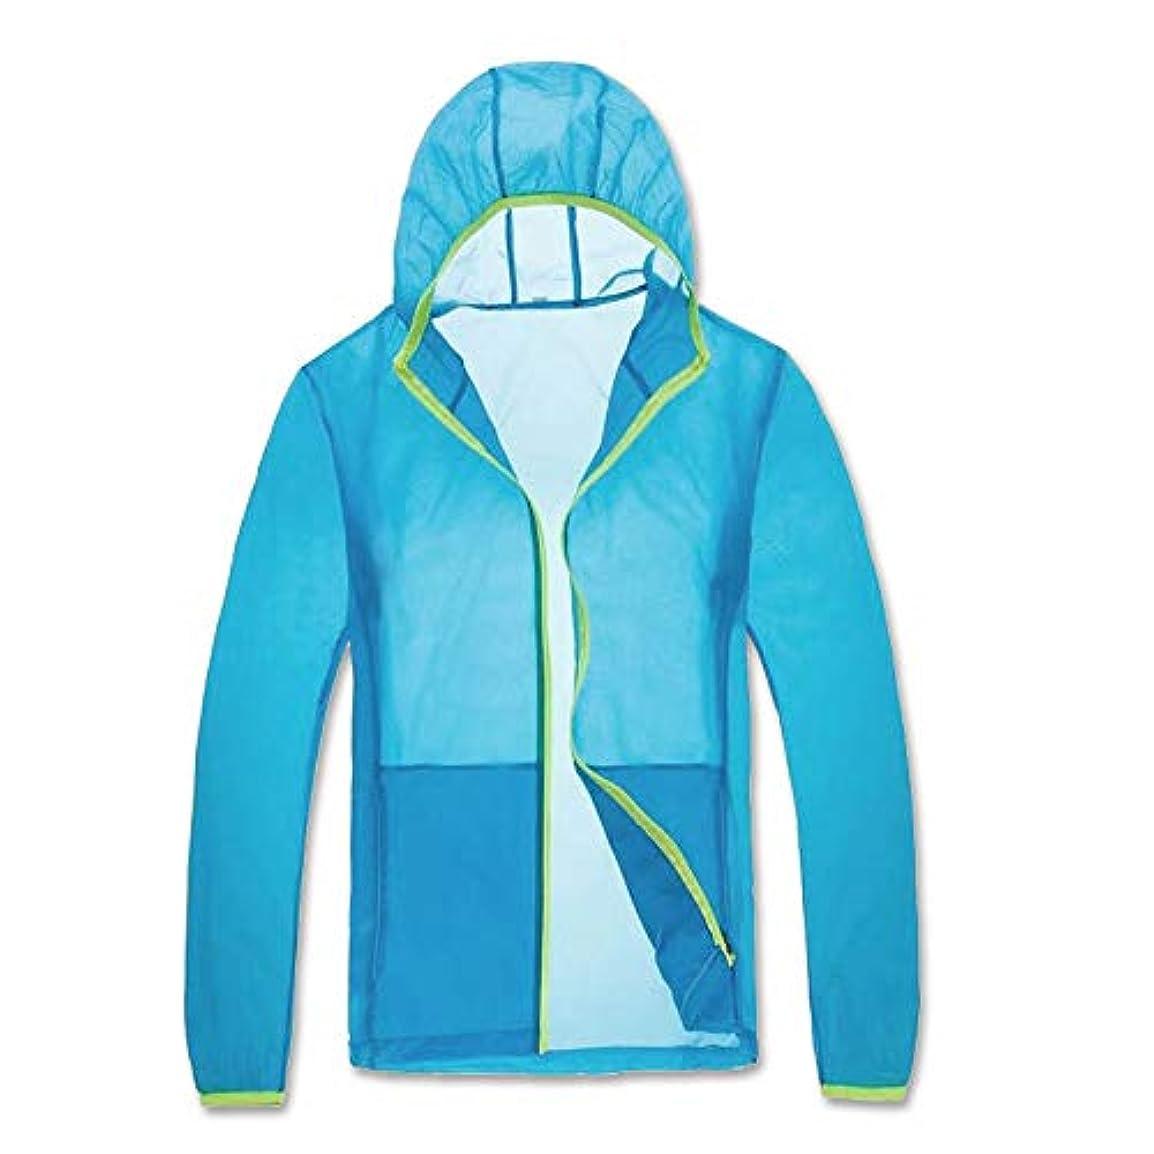 うなる反乱血色の良い夏のエアコン衣類ファン冷却衣服冷却ジャケット日焼け止め防蚊防水ジャケットスキンコート,Blue,L